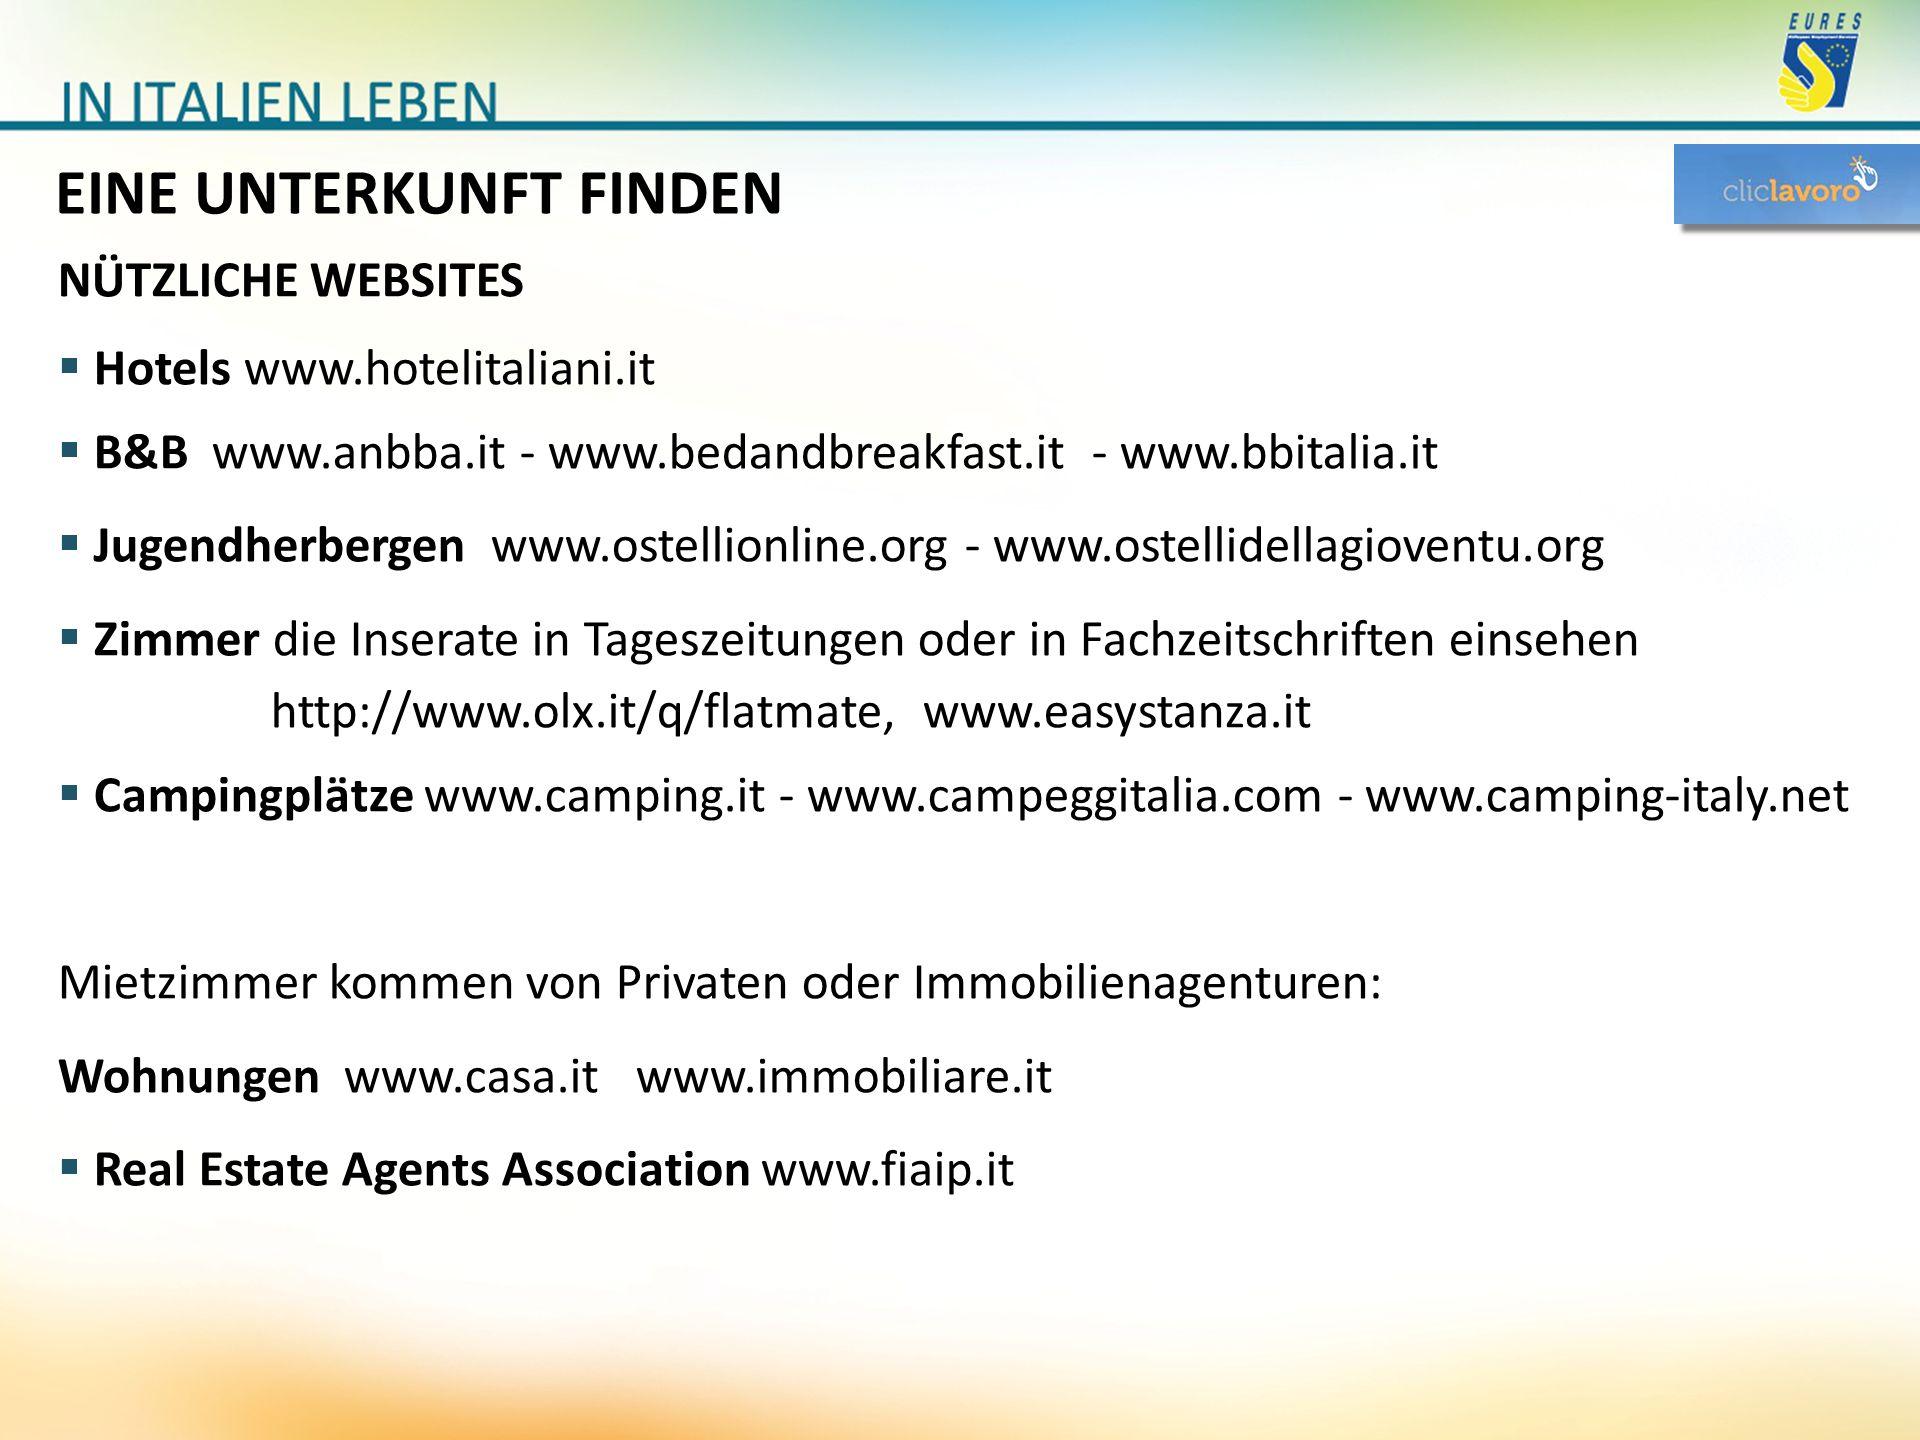 EINE UNTERKUNFT FINDEN  Hotels www.hotelitaliani.it  B&B www.anbba.it - www.bedandbreakfast.it - www.bbitalia.it  Jugendherbergen www.ostellionline